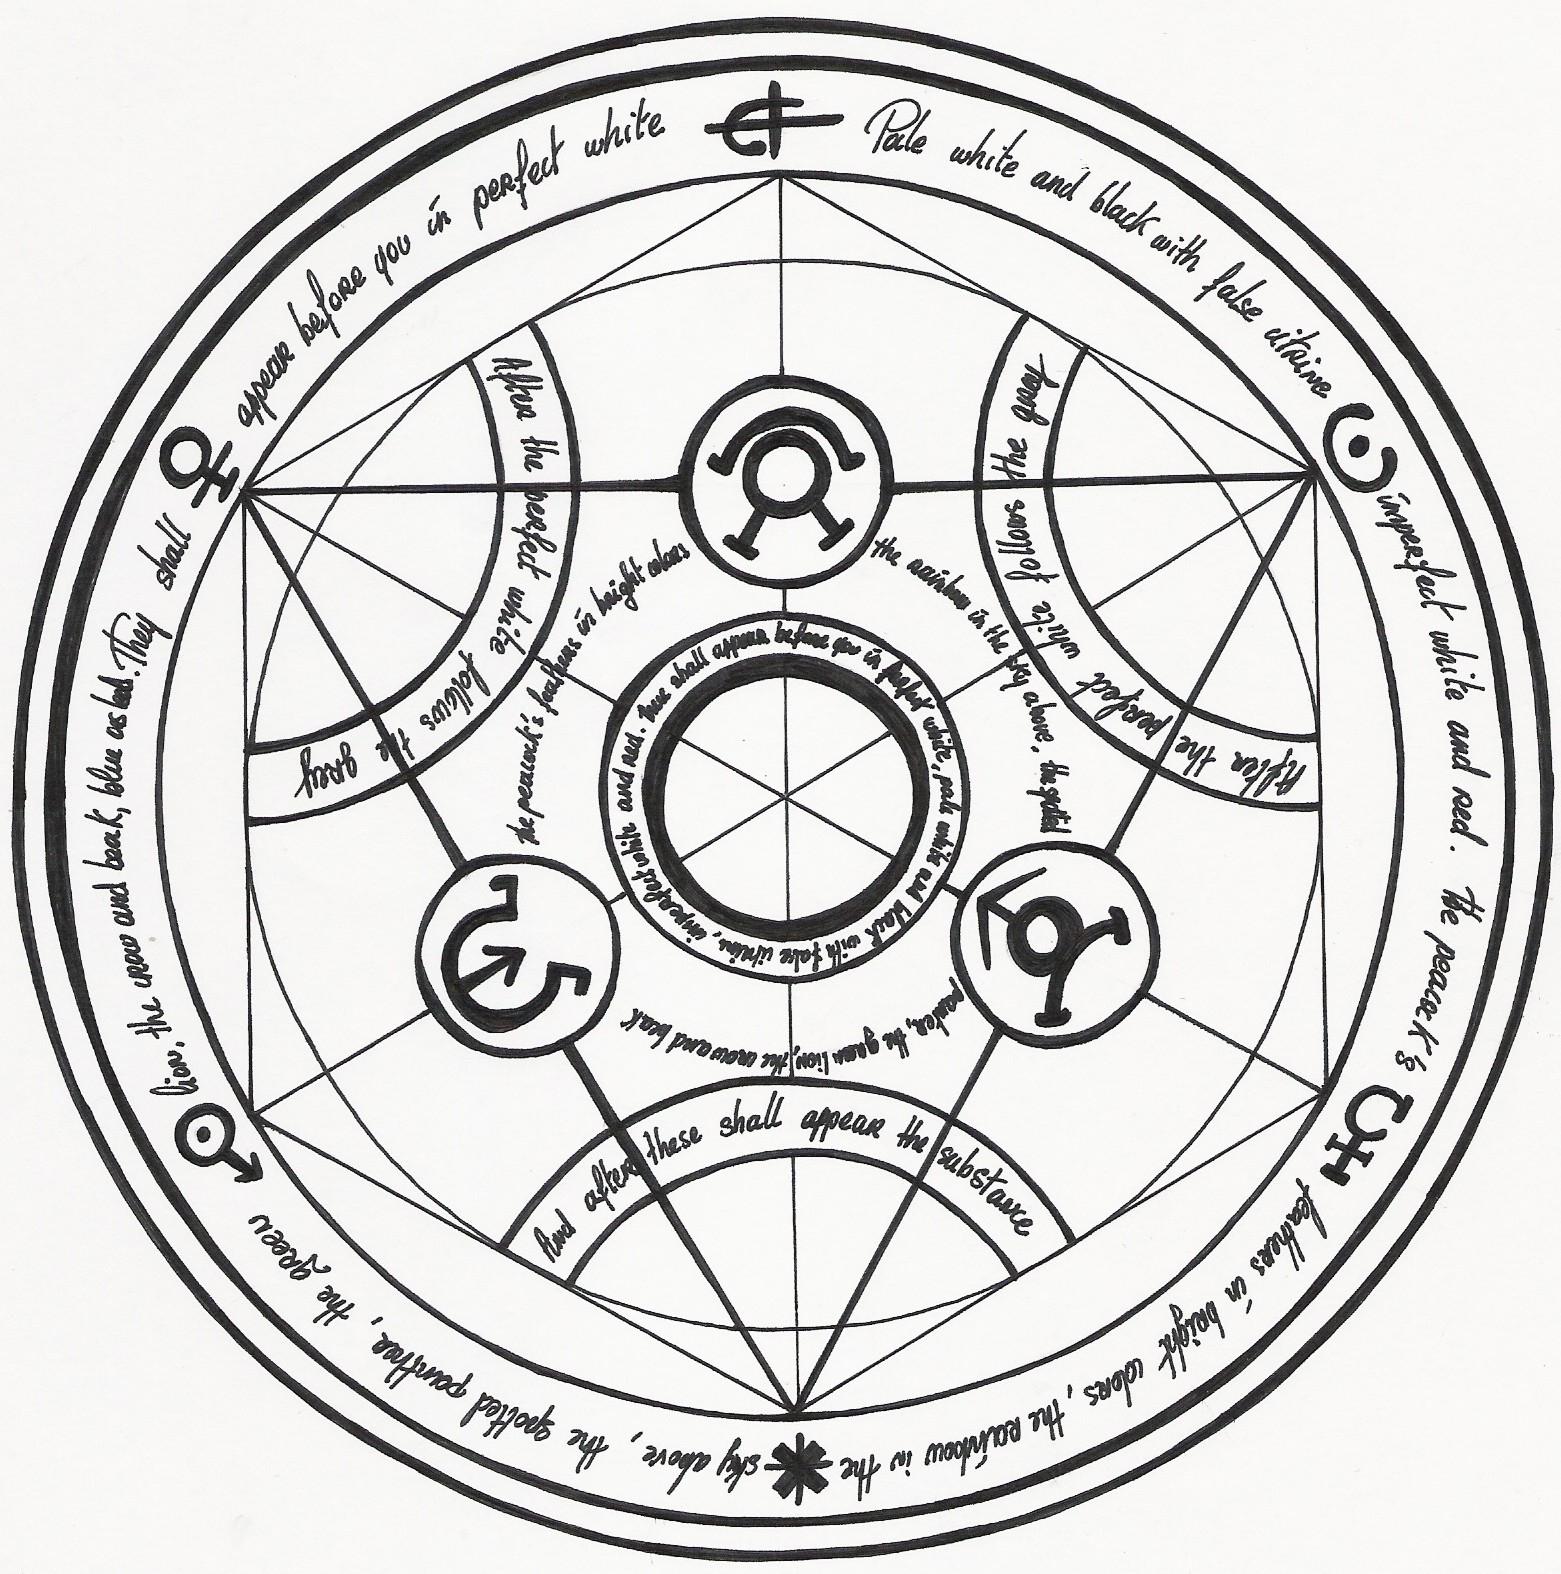 1561x1574 I Want A Tattoo Of This Nerd Stuff Magic Circle